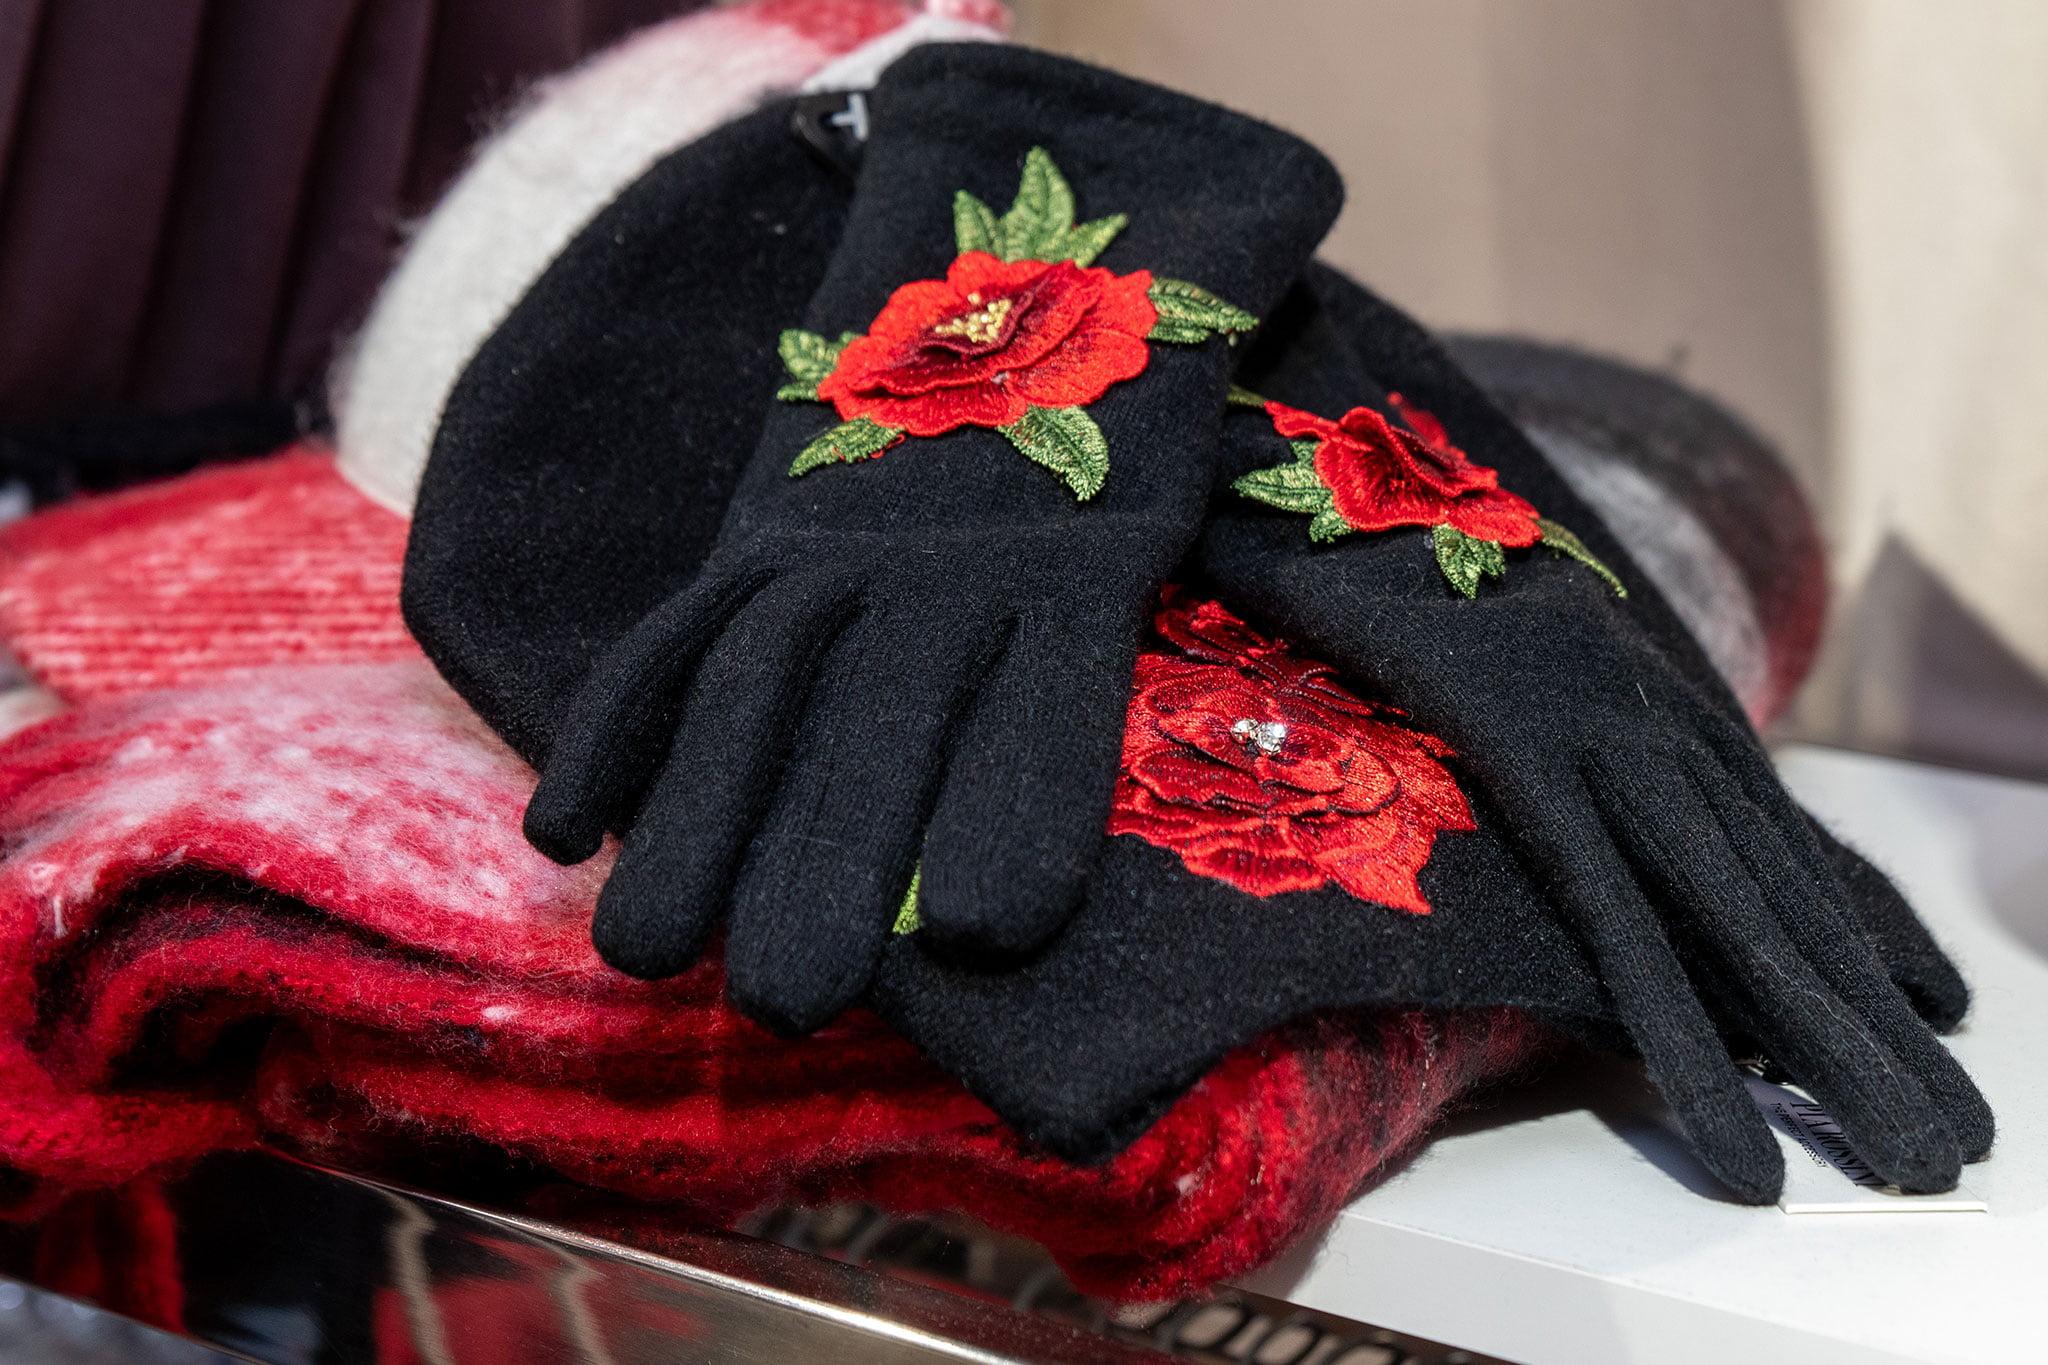 Comprar guantes en Dénia – Leveleleven